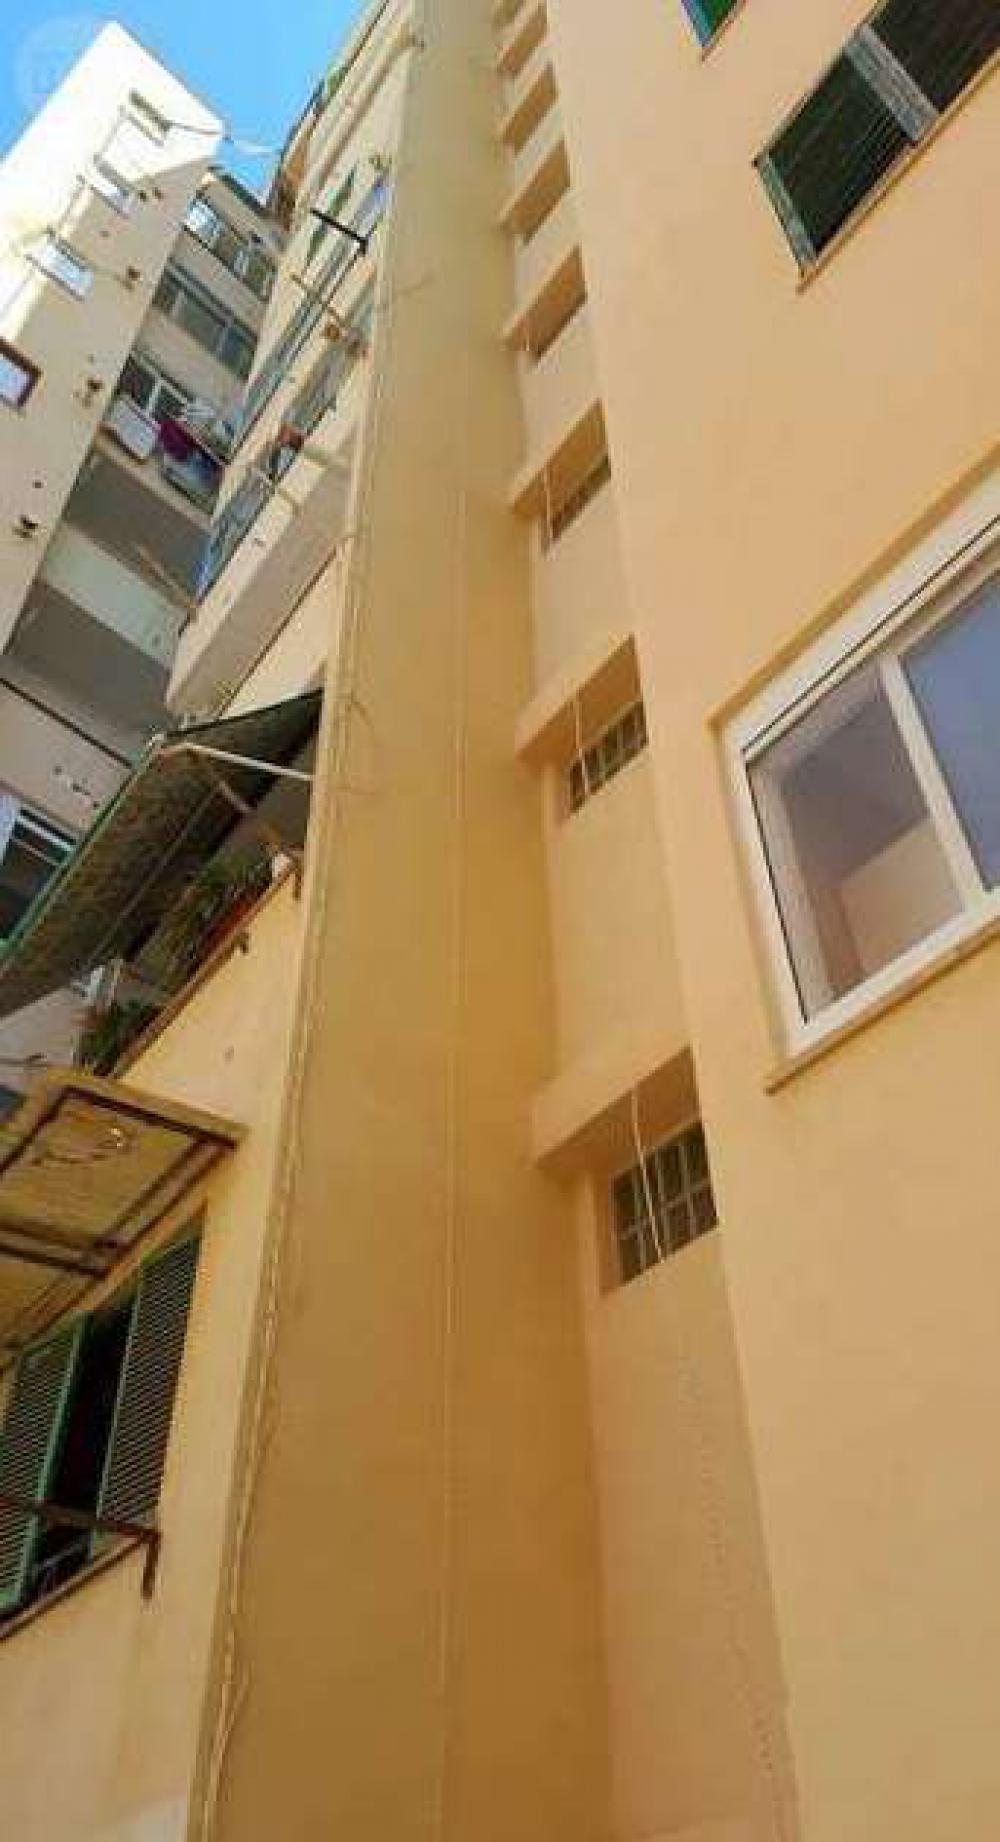 Vertical net empresa de revestimientos de fachadas en for Trabajos verticales en palma